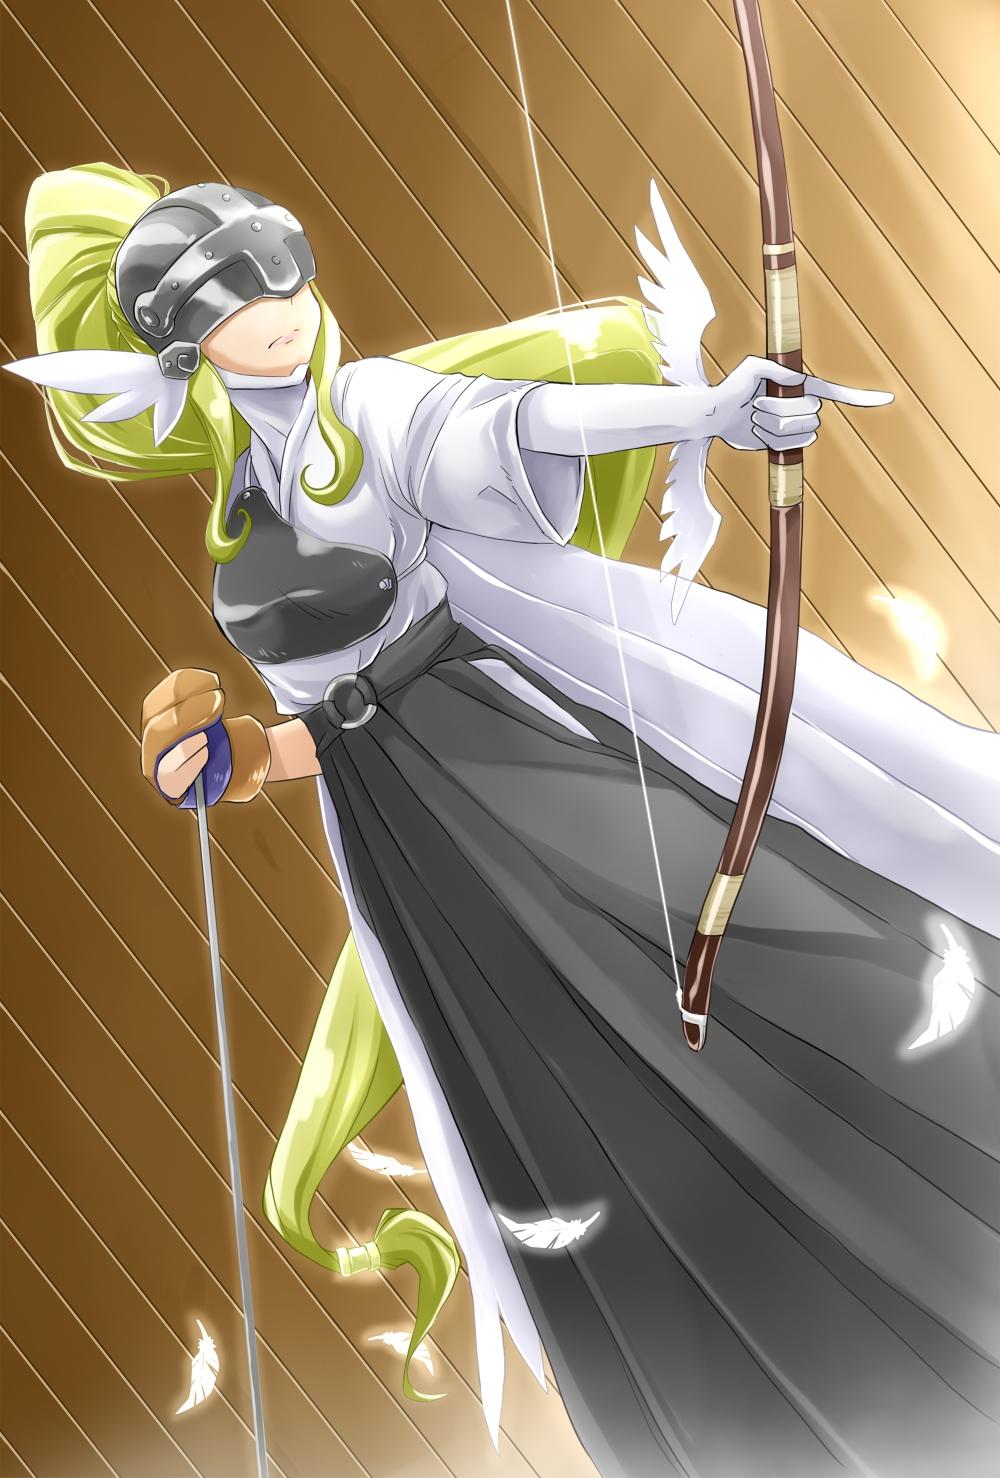 Angewomon - Digimon Adventure - Zerochan Anime Image Board: https://www.zerochan.net/Angewomon